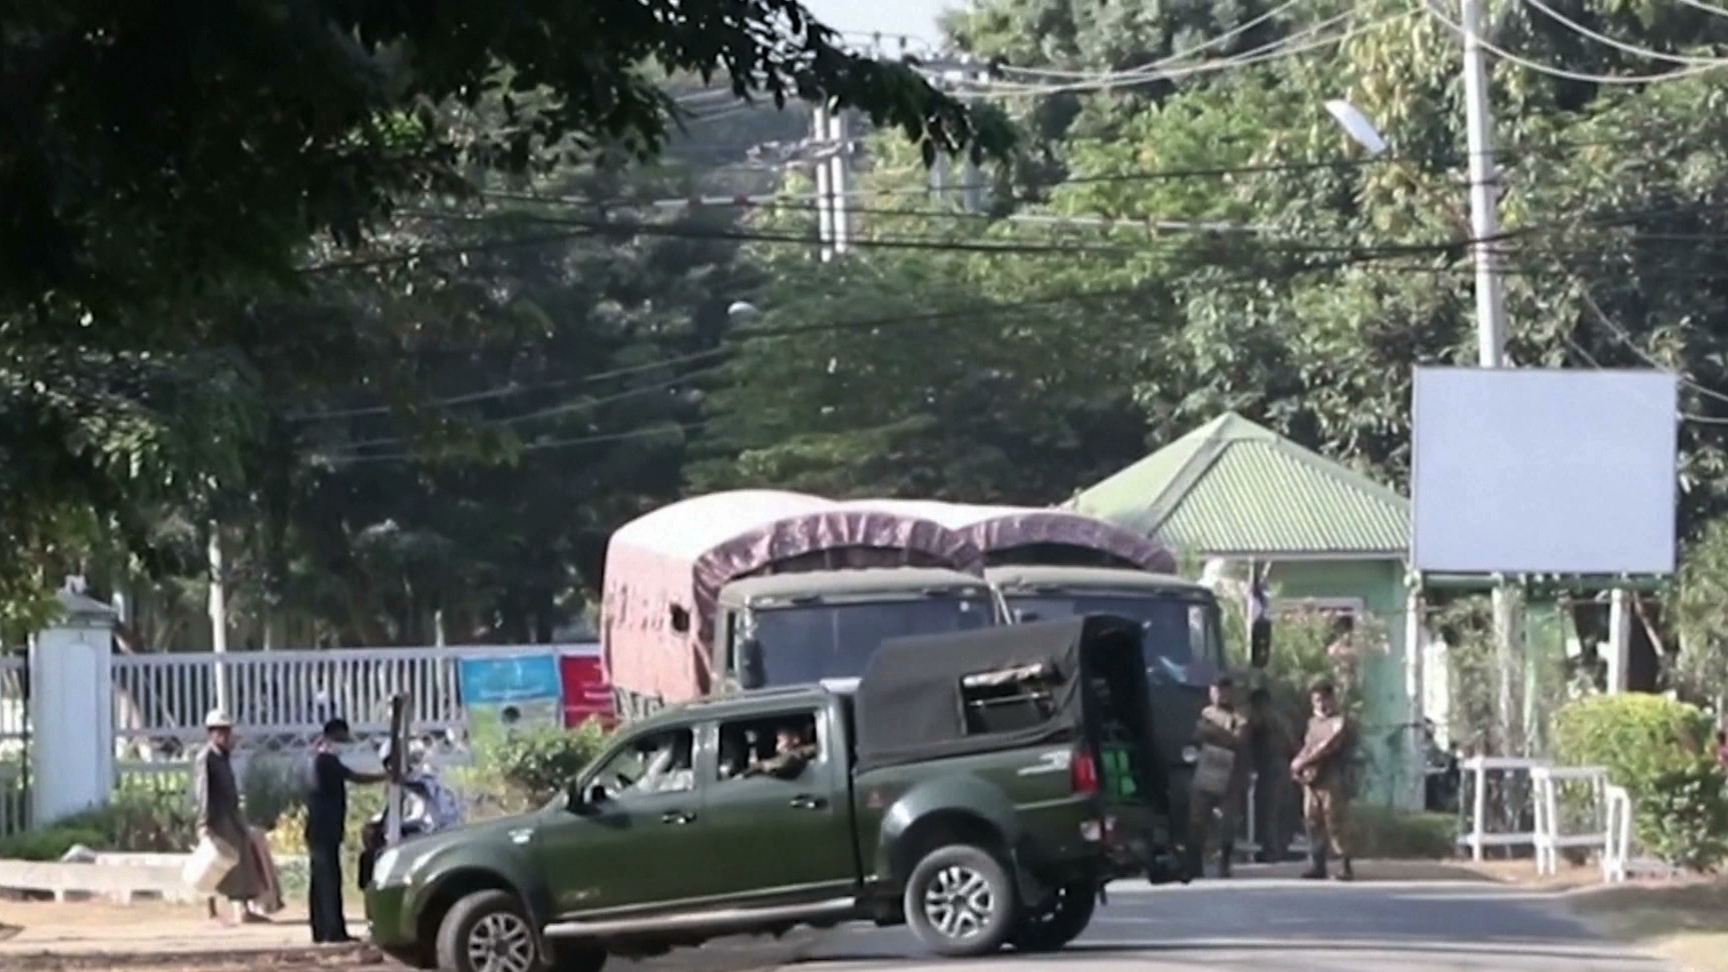 Wojsko przejęło władzę w Mjanmie, przedstawiciele władz aresztowani